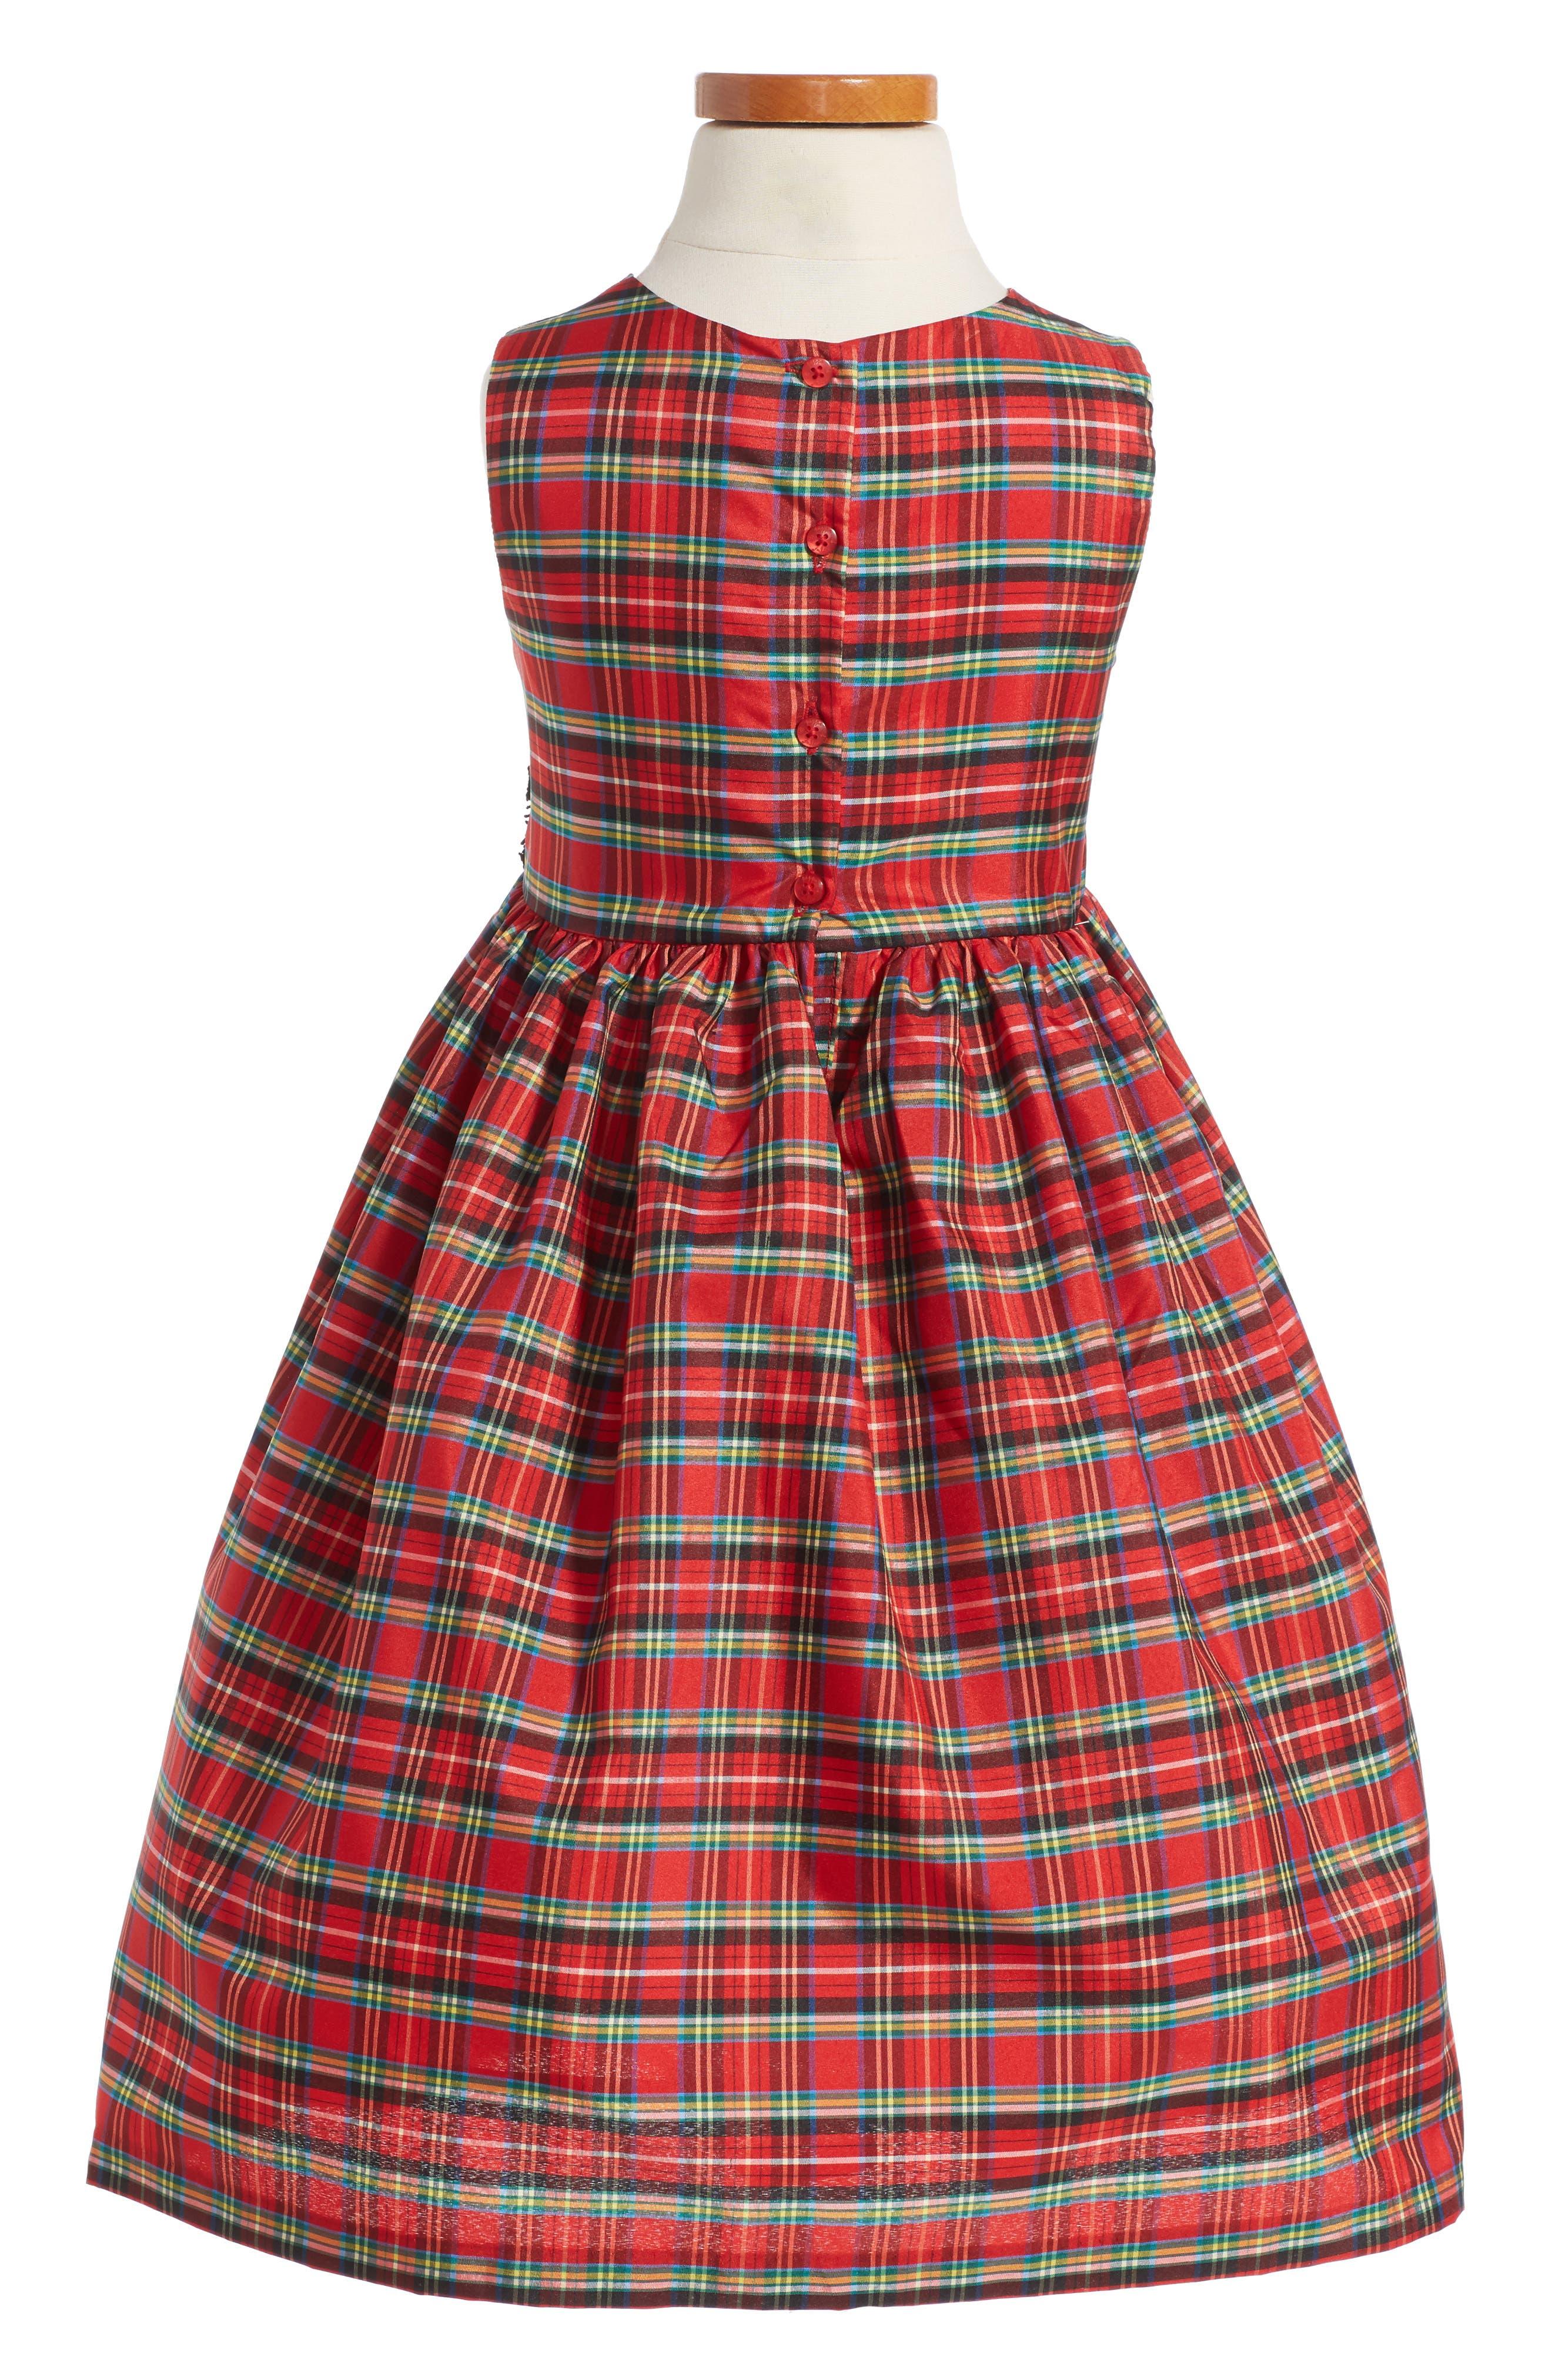 Alternate Image 3  - Pippa & Julie Plaid Dress & Velvet Jacket (Toddler Girls, Little Girls & Big Girls)